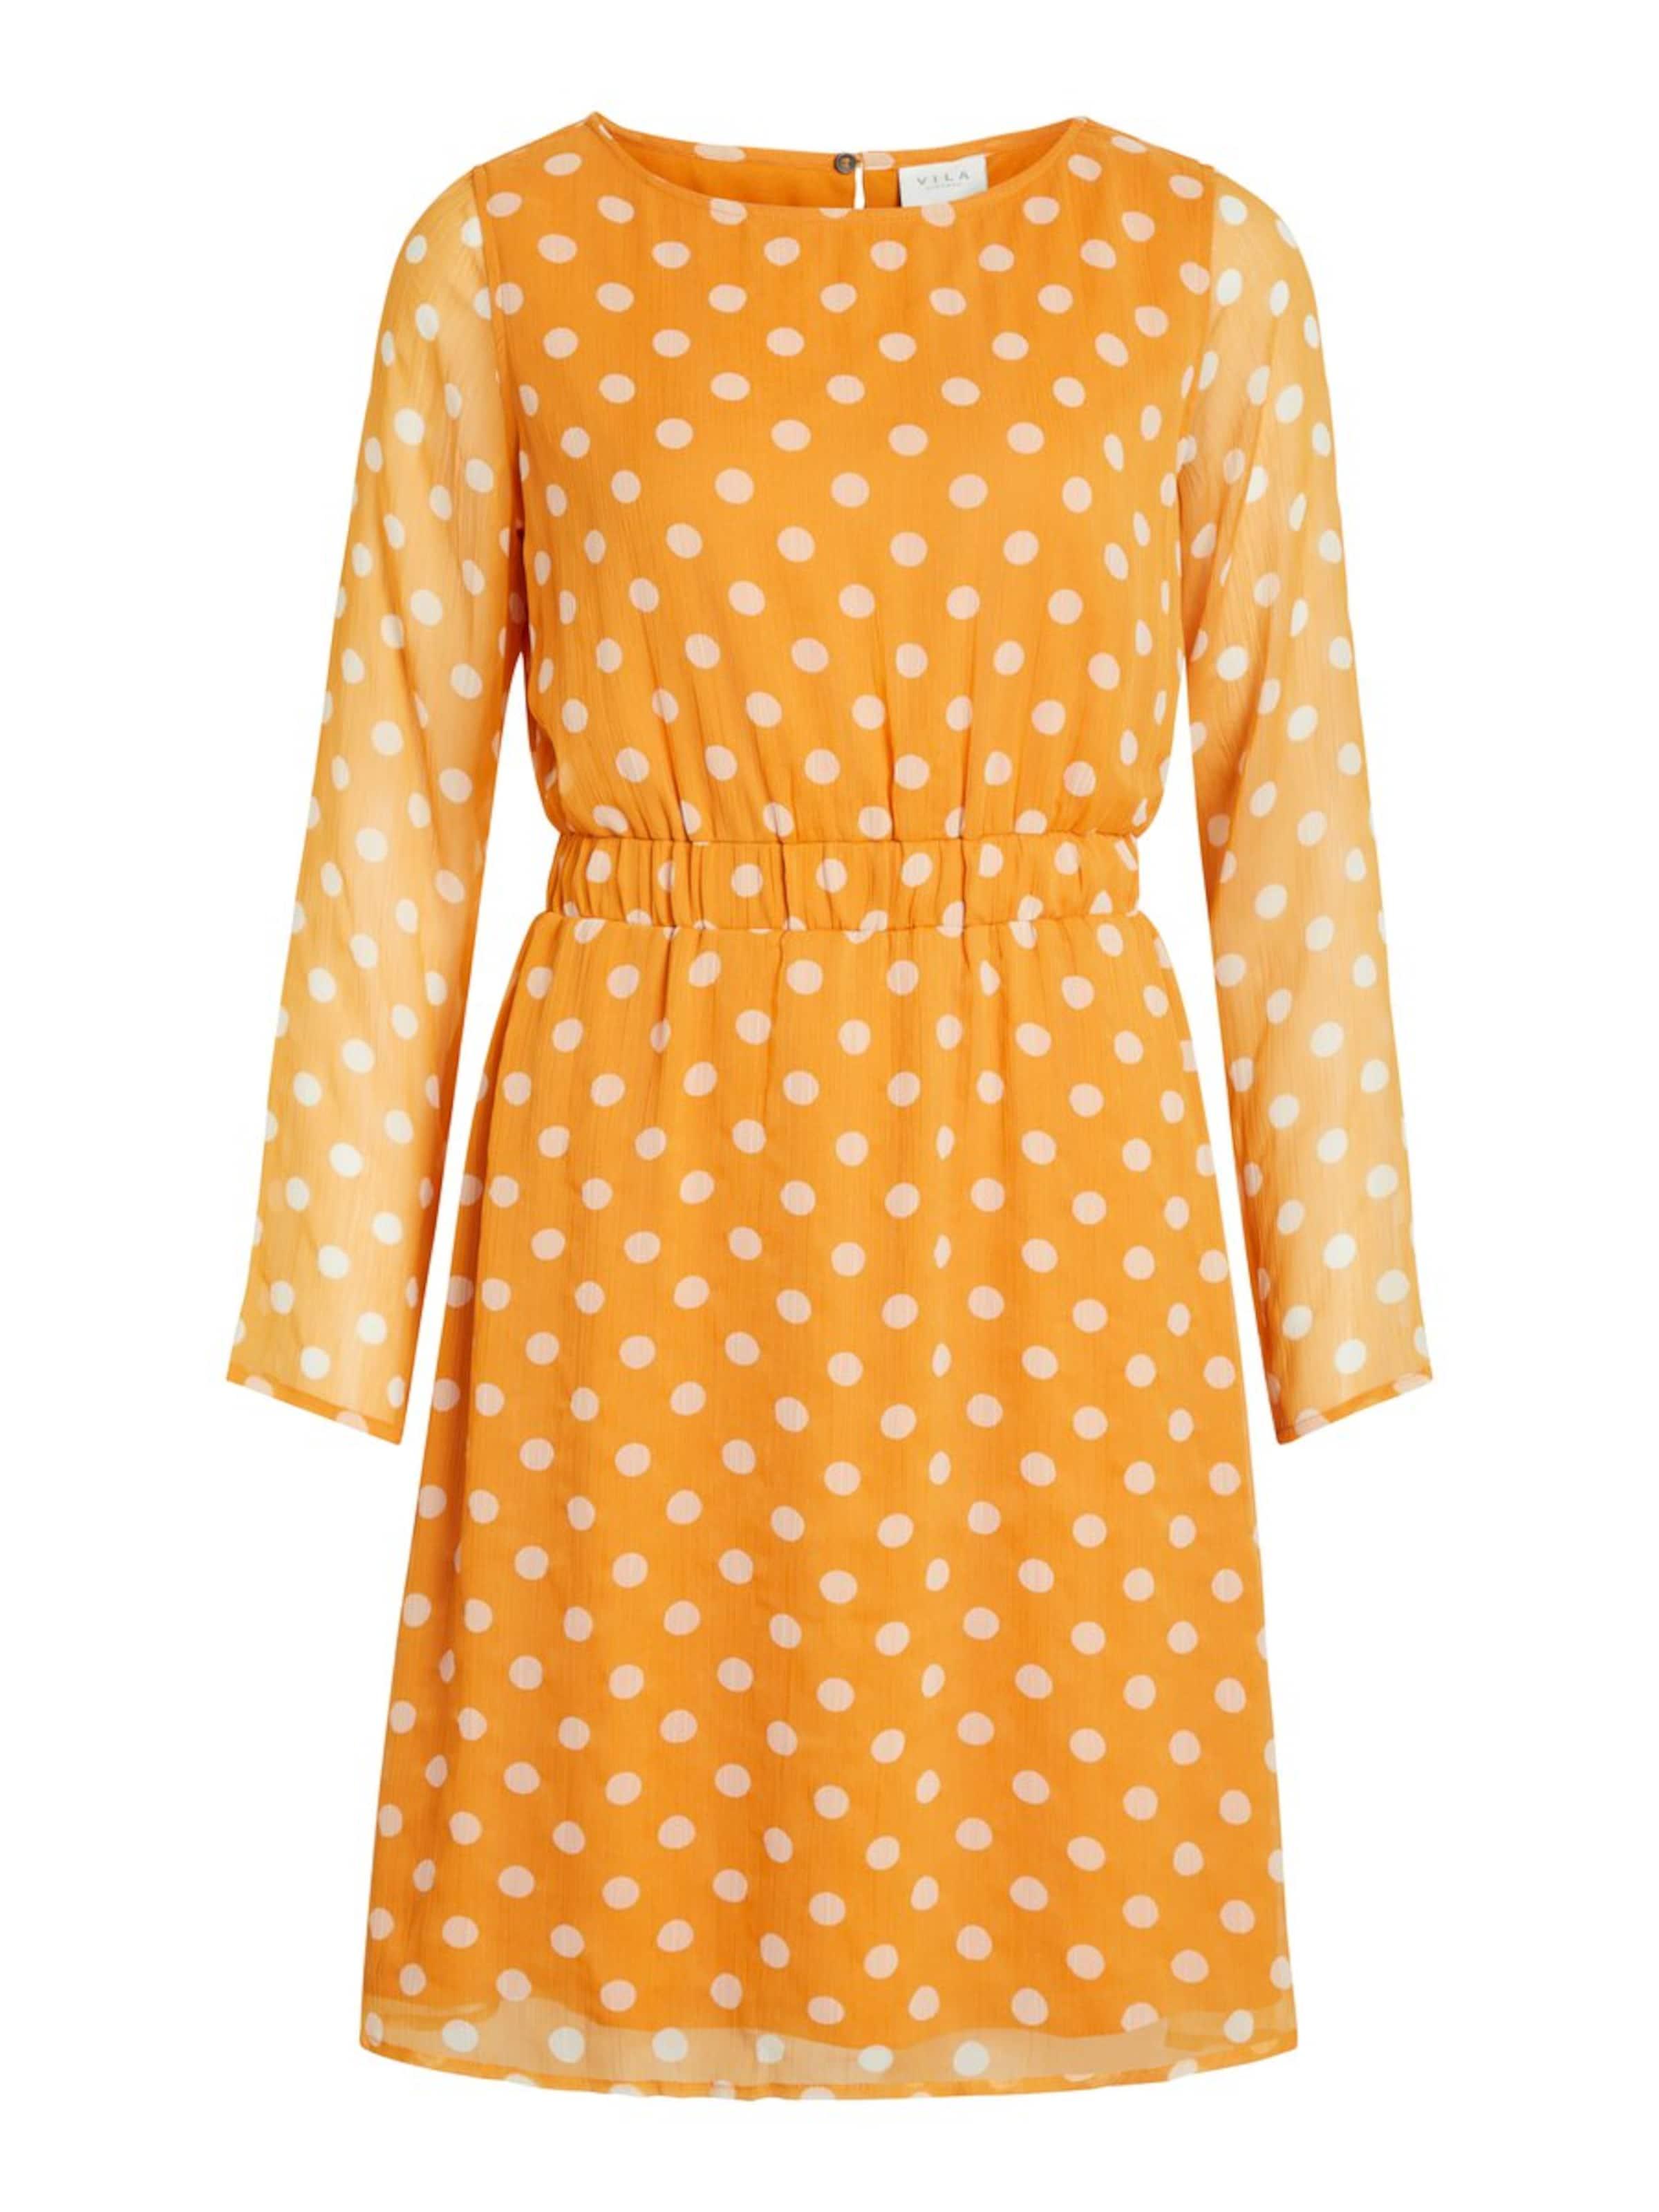 Minikleid Minikleid Vila Vila OrangeWeiß OrangeWeiß Vila In Minikleid In In Yg6Ibyvf7